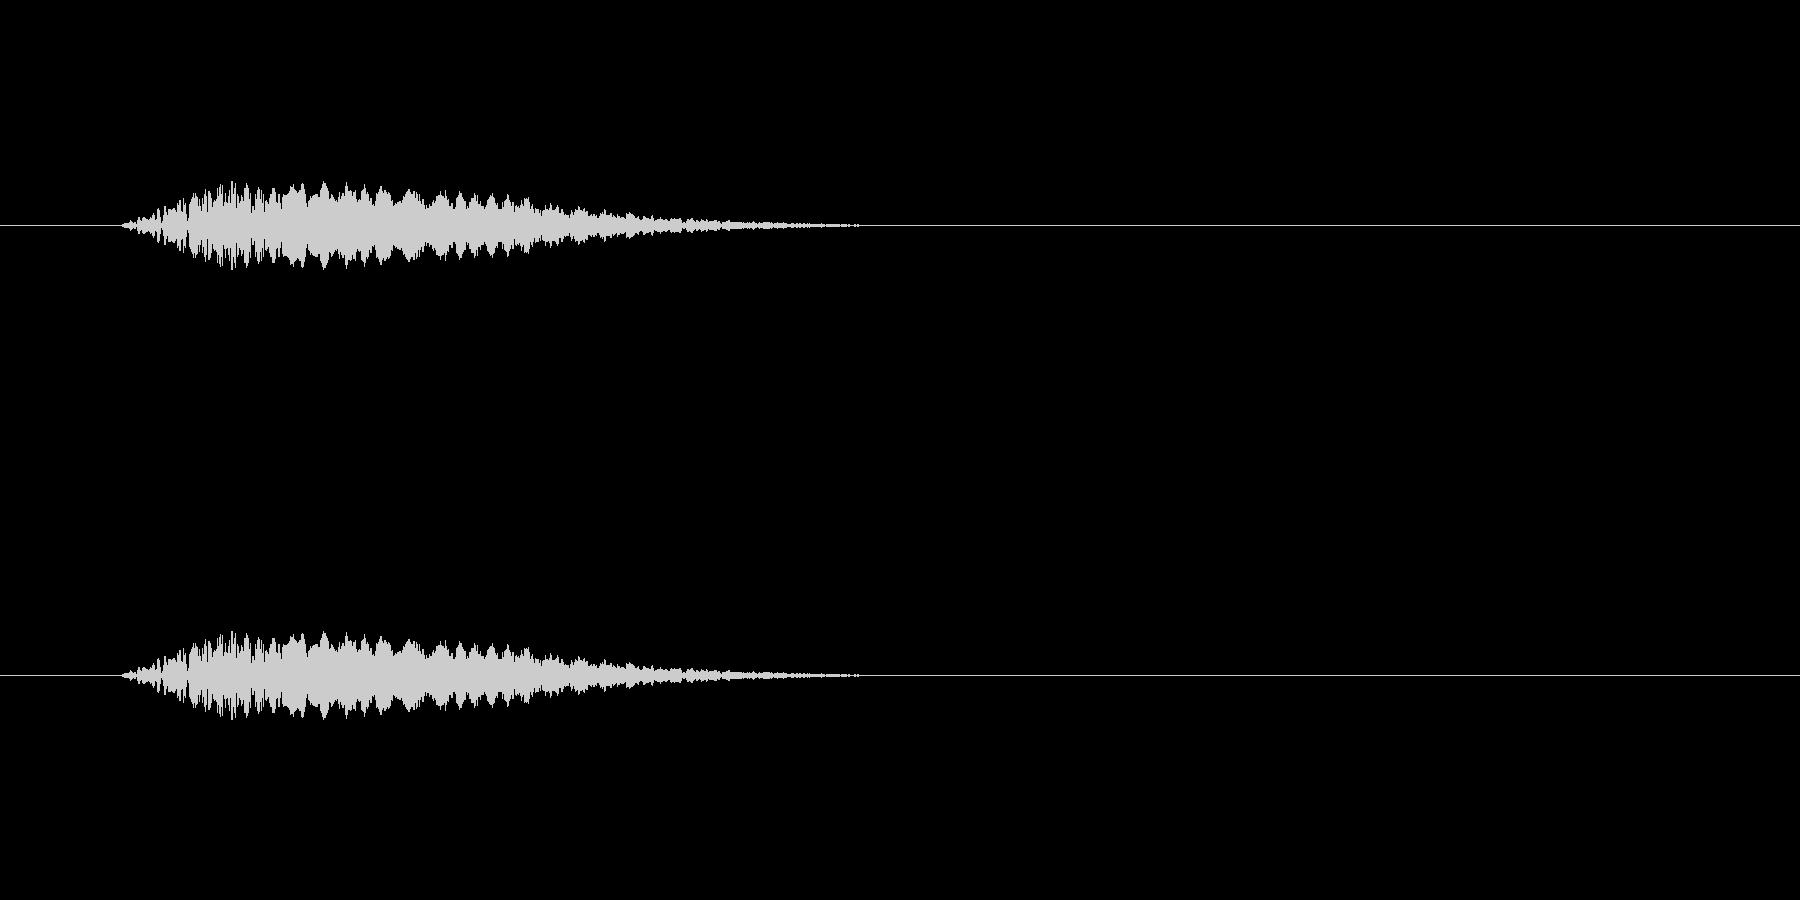 【ネガティブ10-1】の未再生の波形